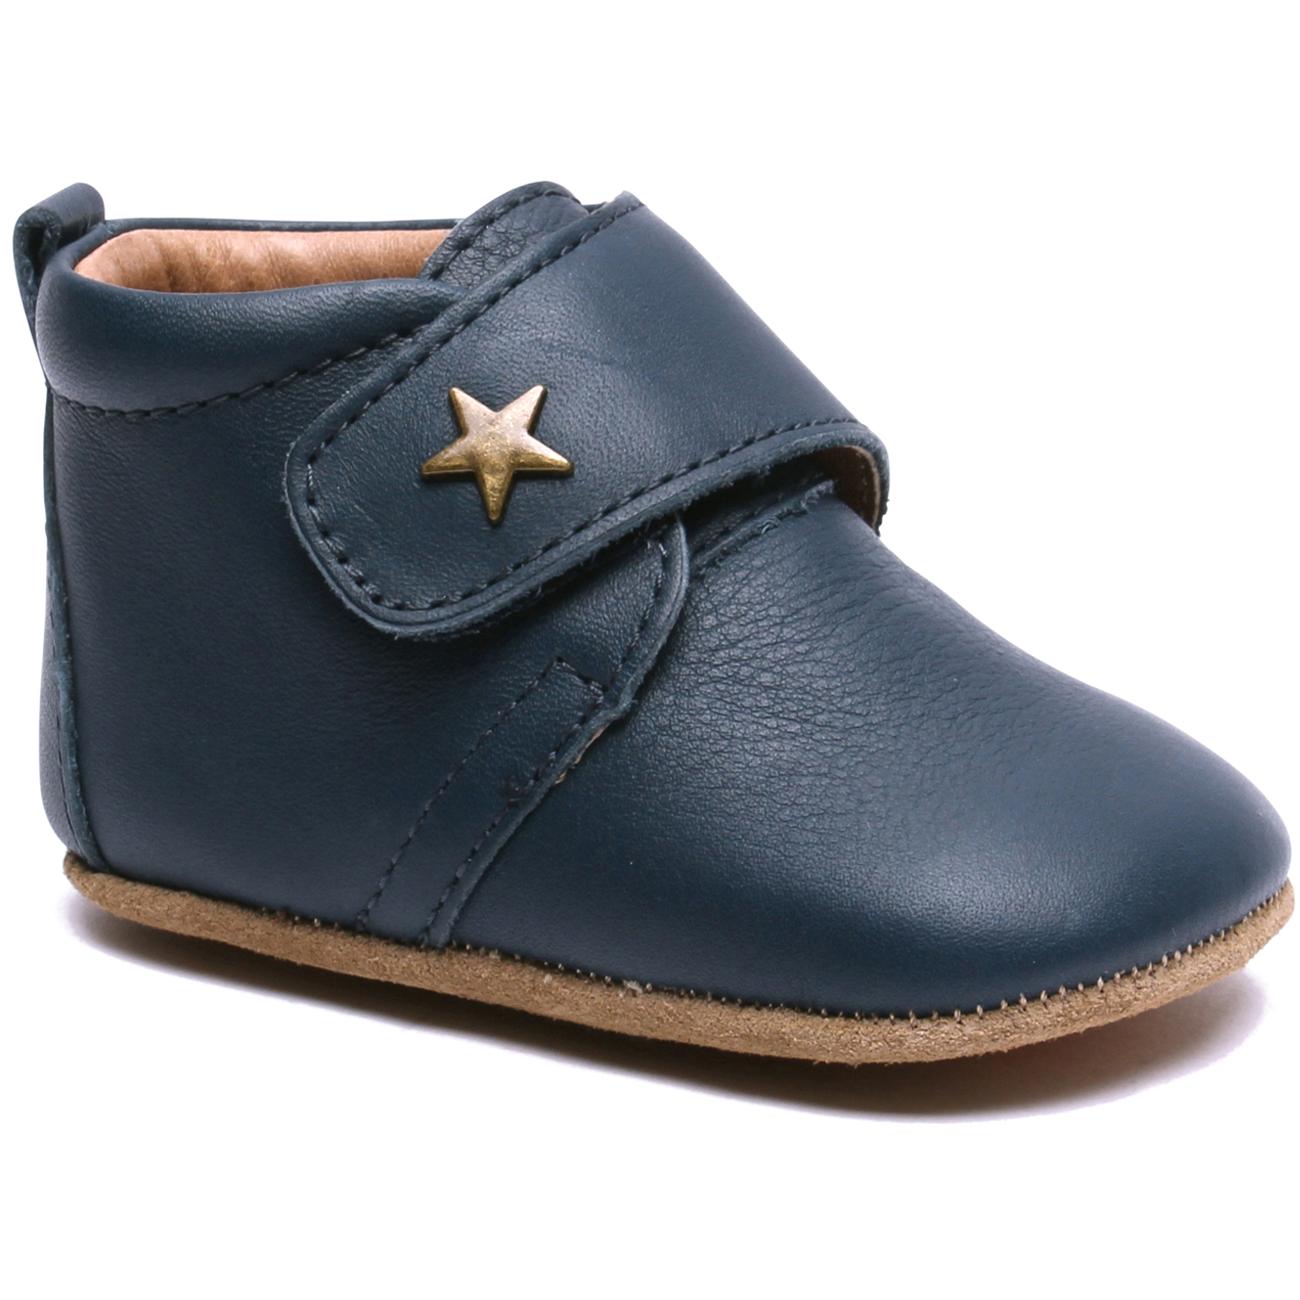 cbba9a7c2d9 bisgaard-sko-homeshoes-futter-skind-navy-blue-blaa ...